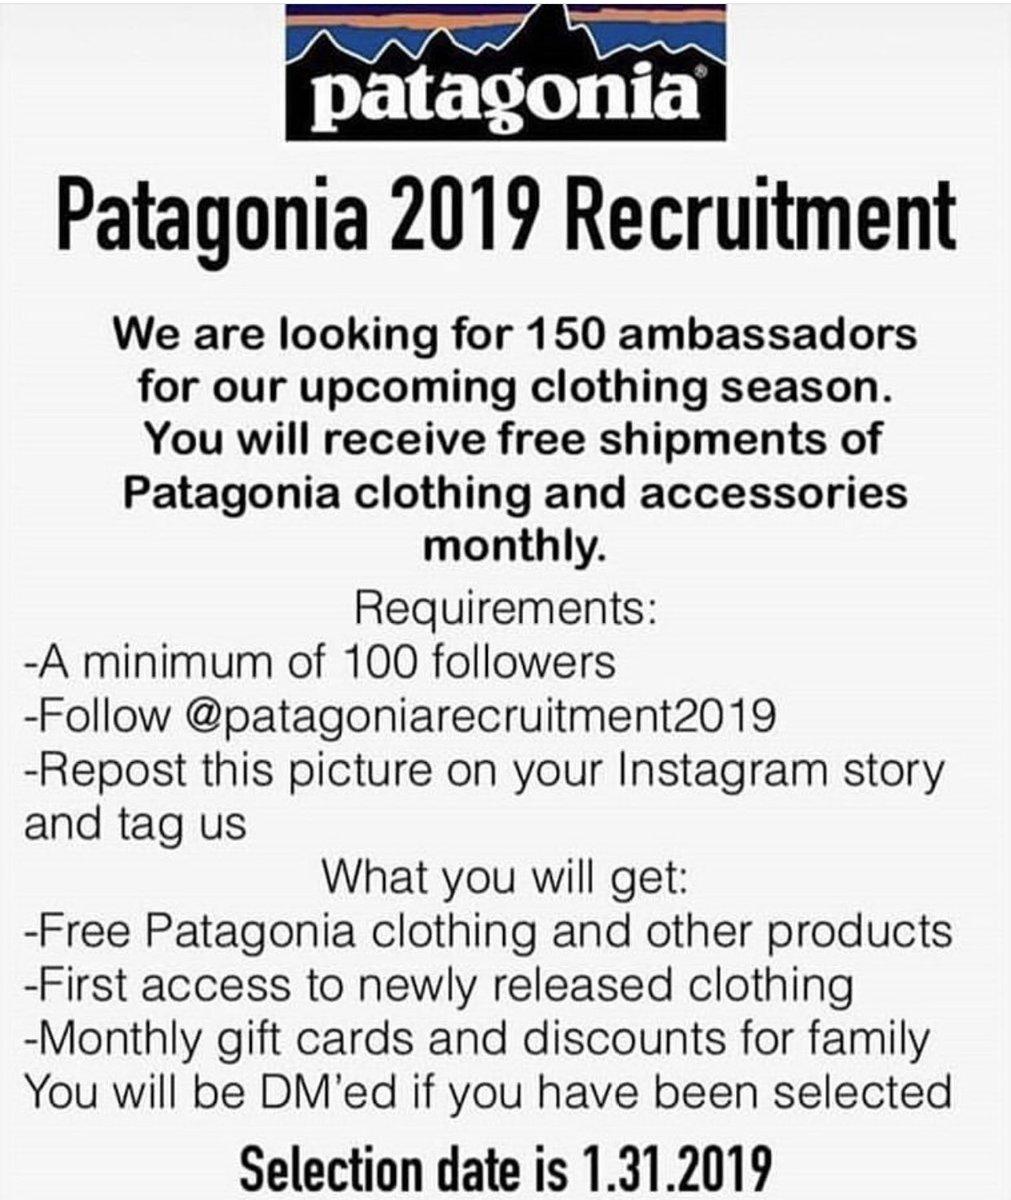 patagoniarecruitment2019 hashtag on Twitter